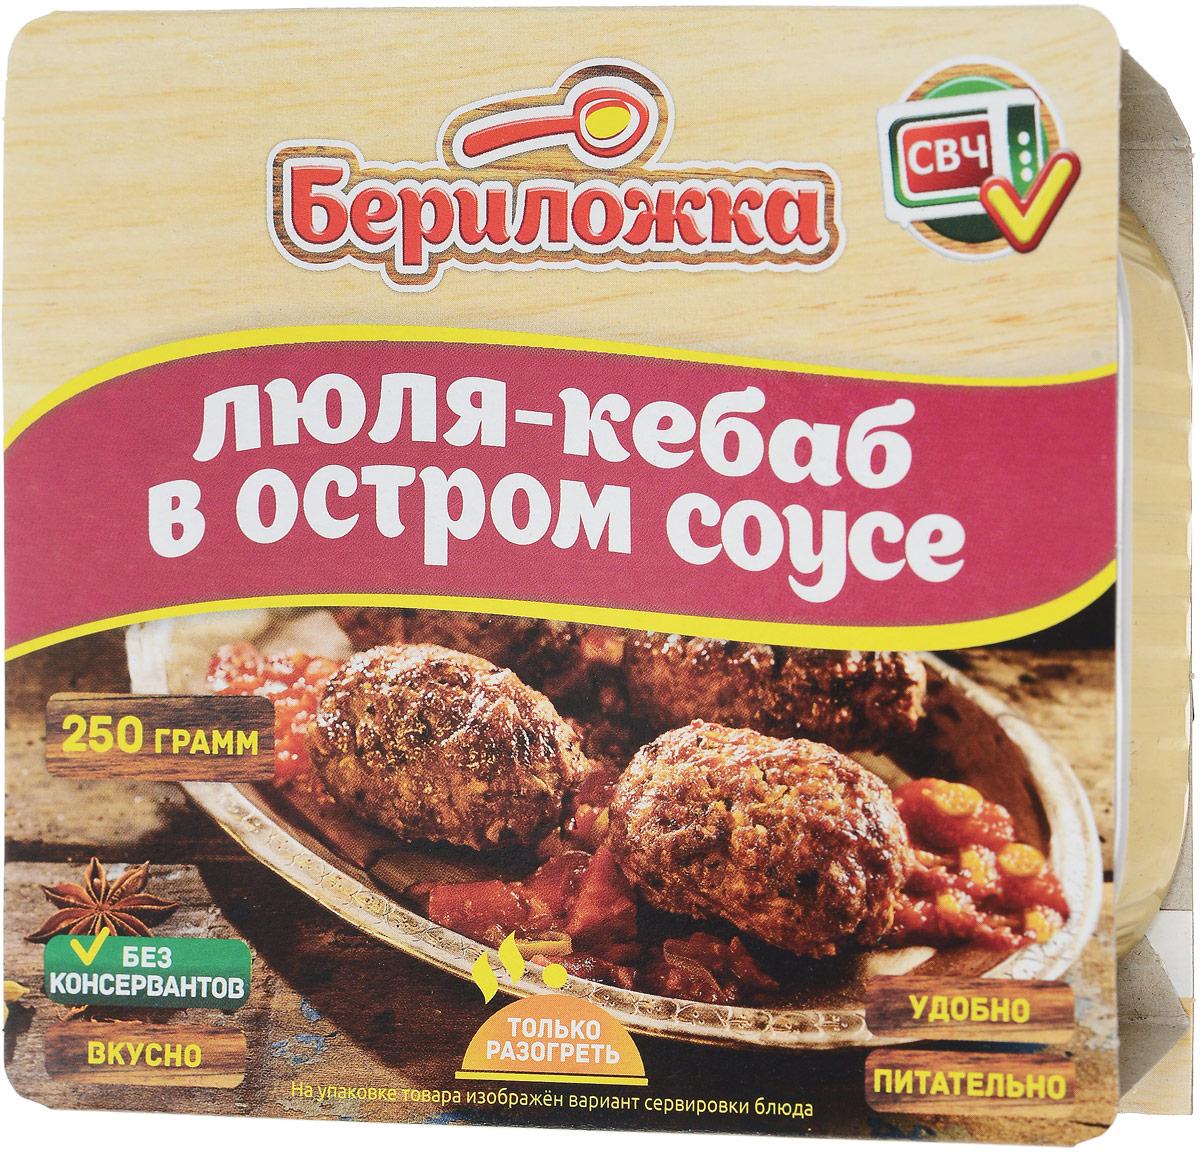 Бериложка люля-кебаб в остром соусе, 250 г бериложка биточки в грибном соусе 250 г